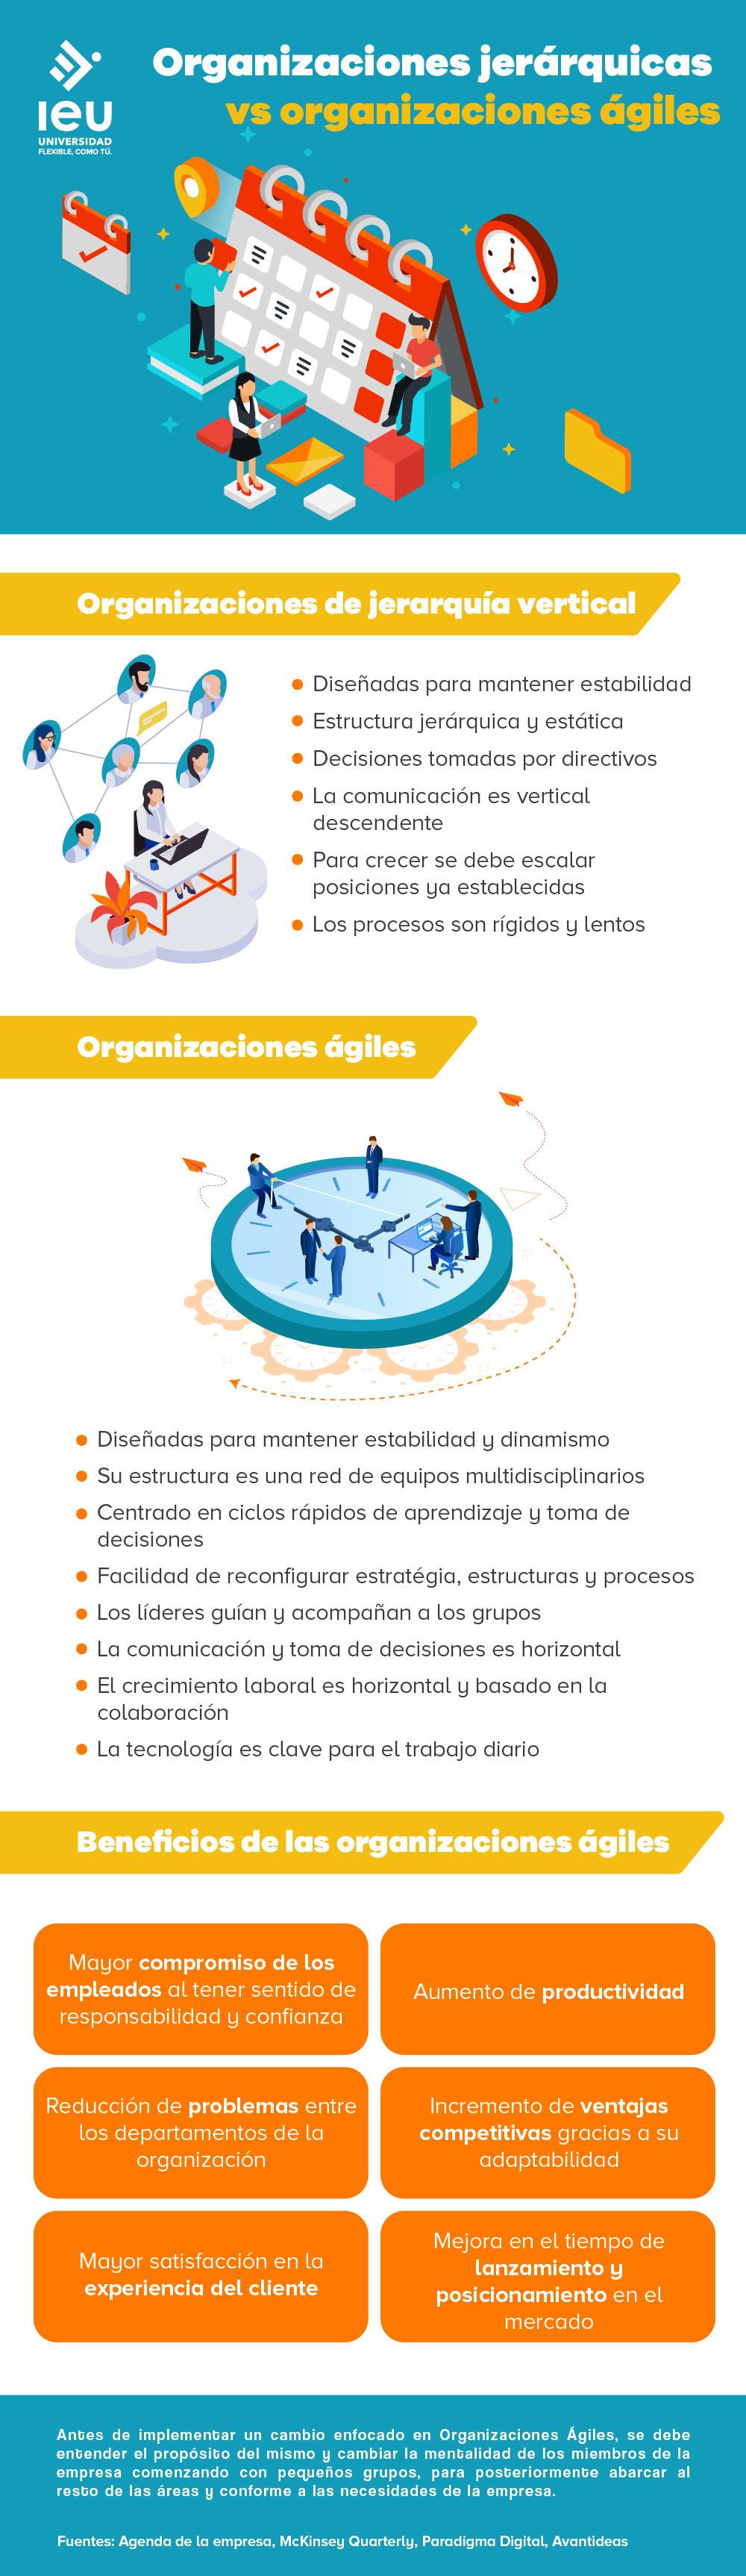 infografia 4 8 21 (4)